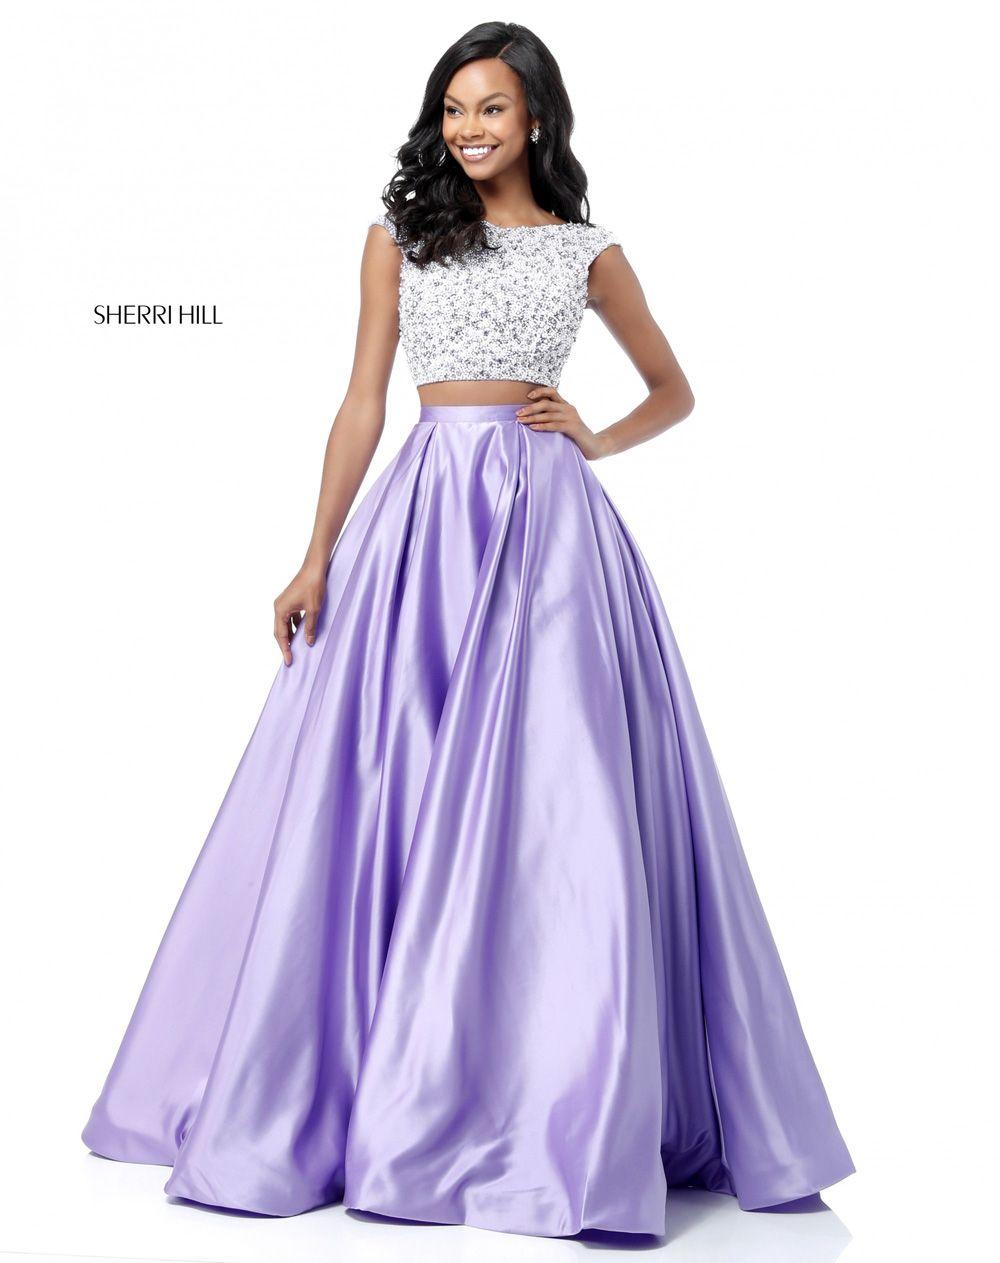 tendencia en vestidos de fiesta 2018 (15)